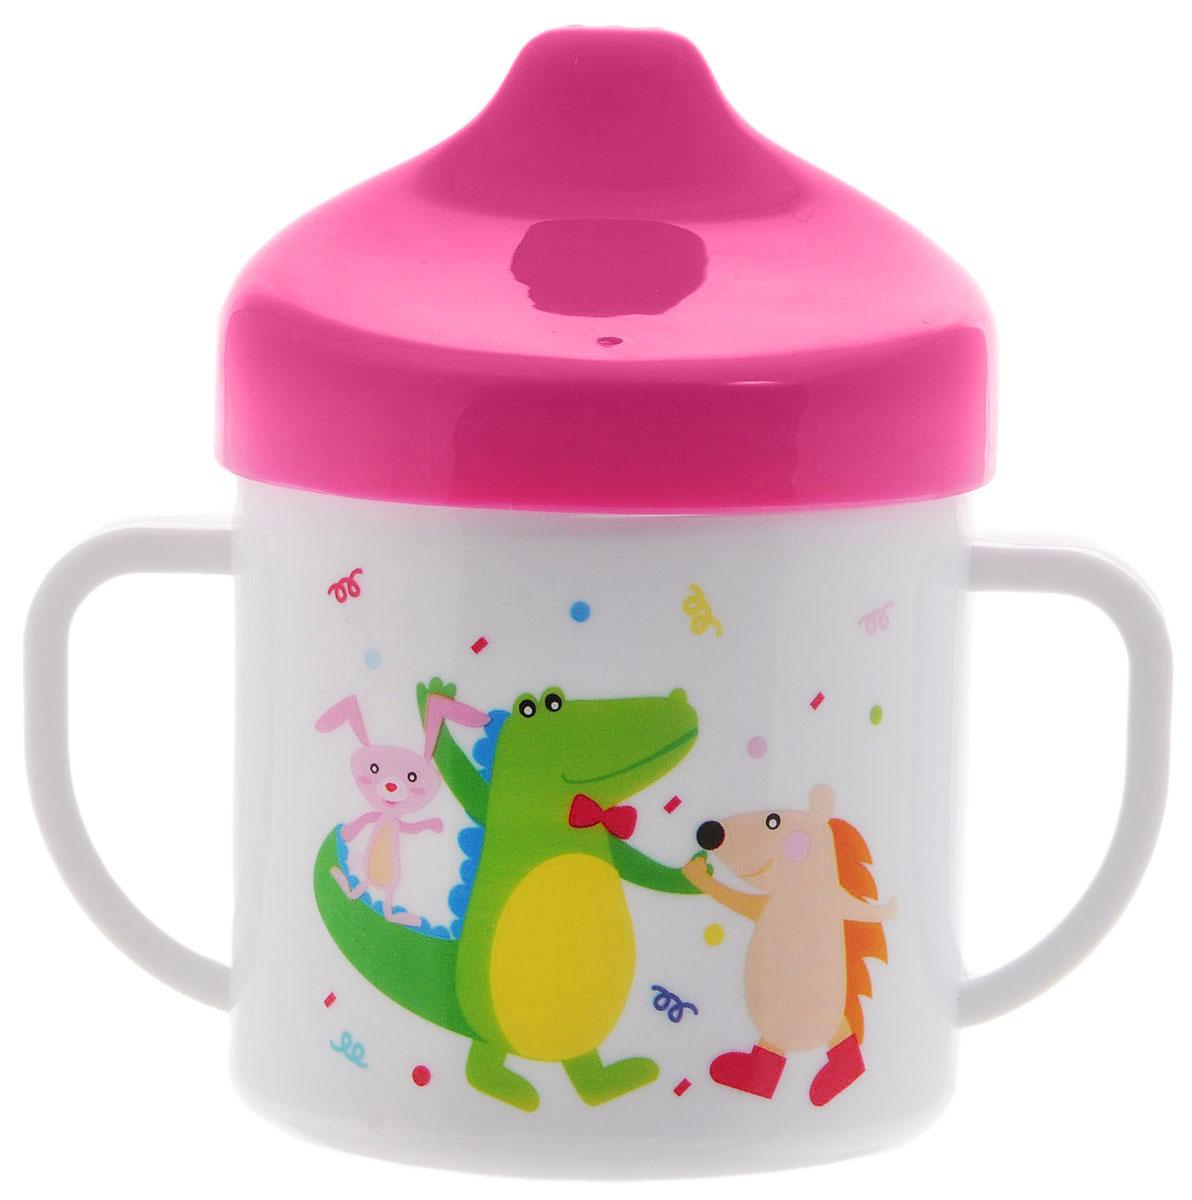 Canpol Babies Чашка-поильник цвет малиновый 200 мл -  Поильники